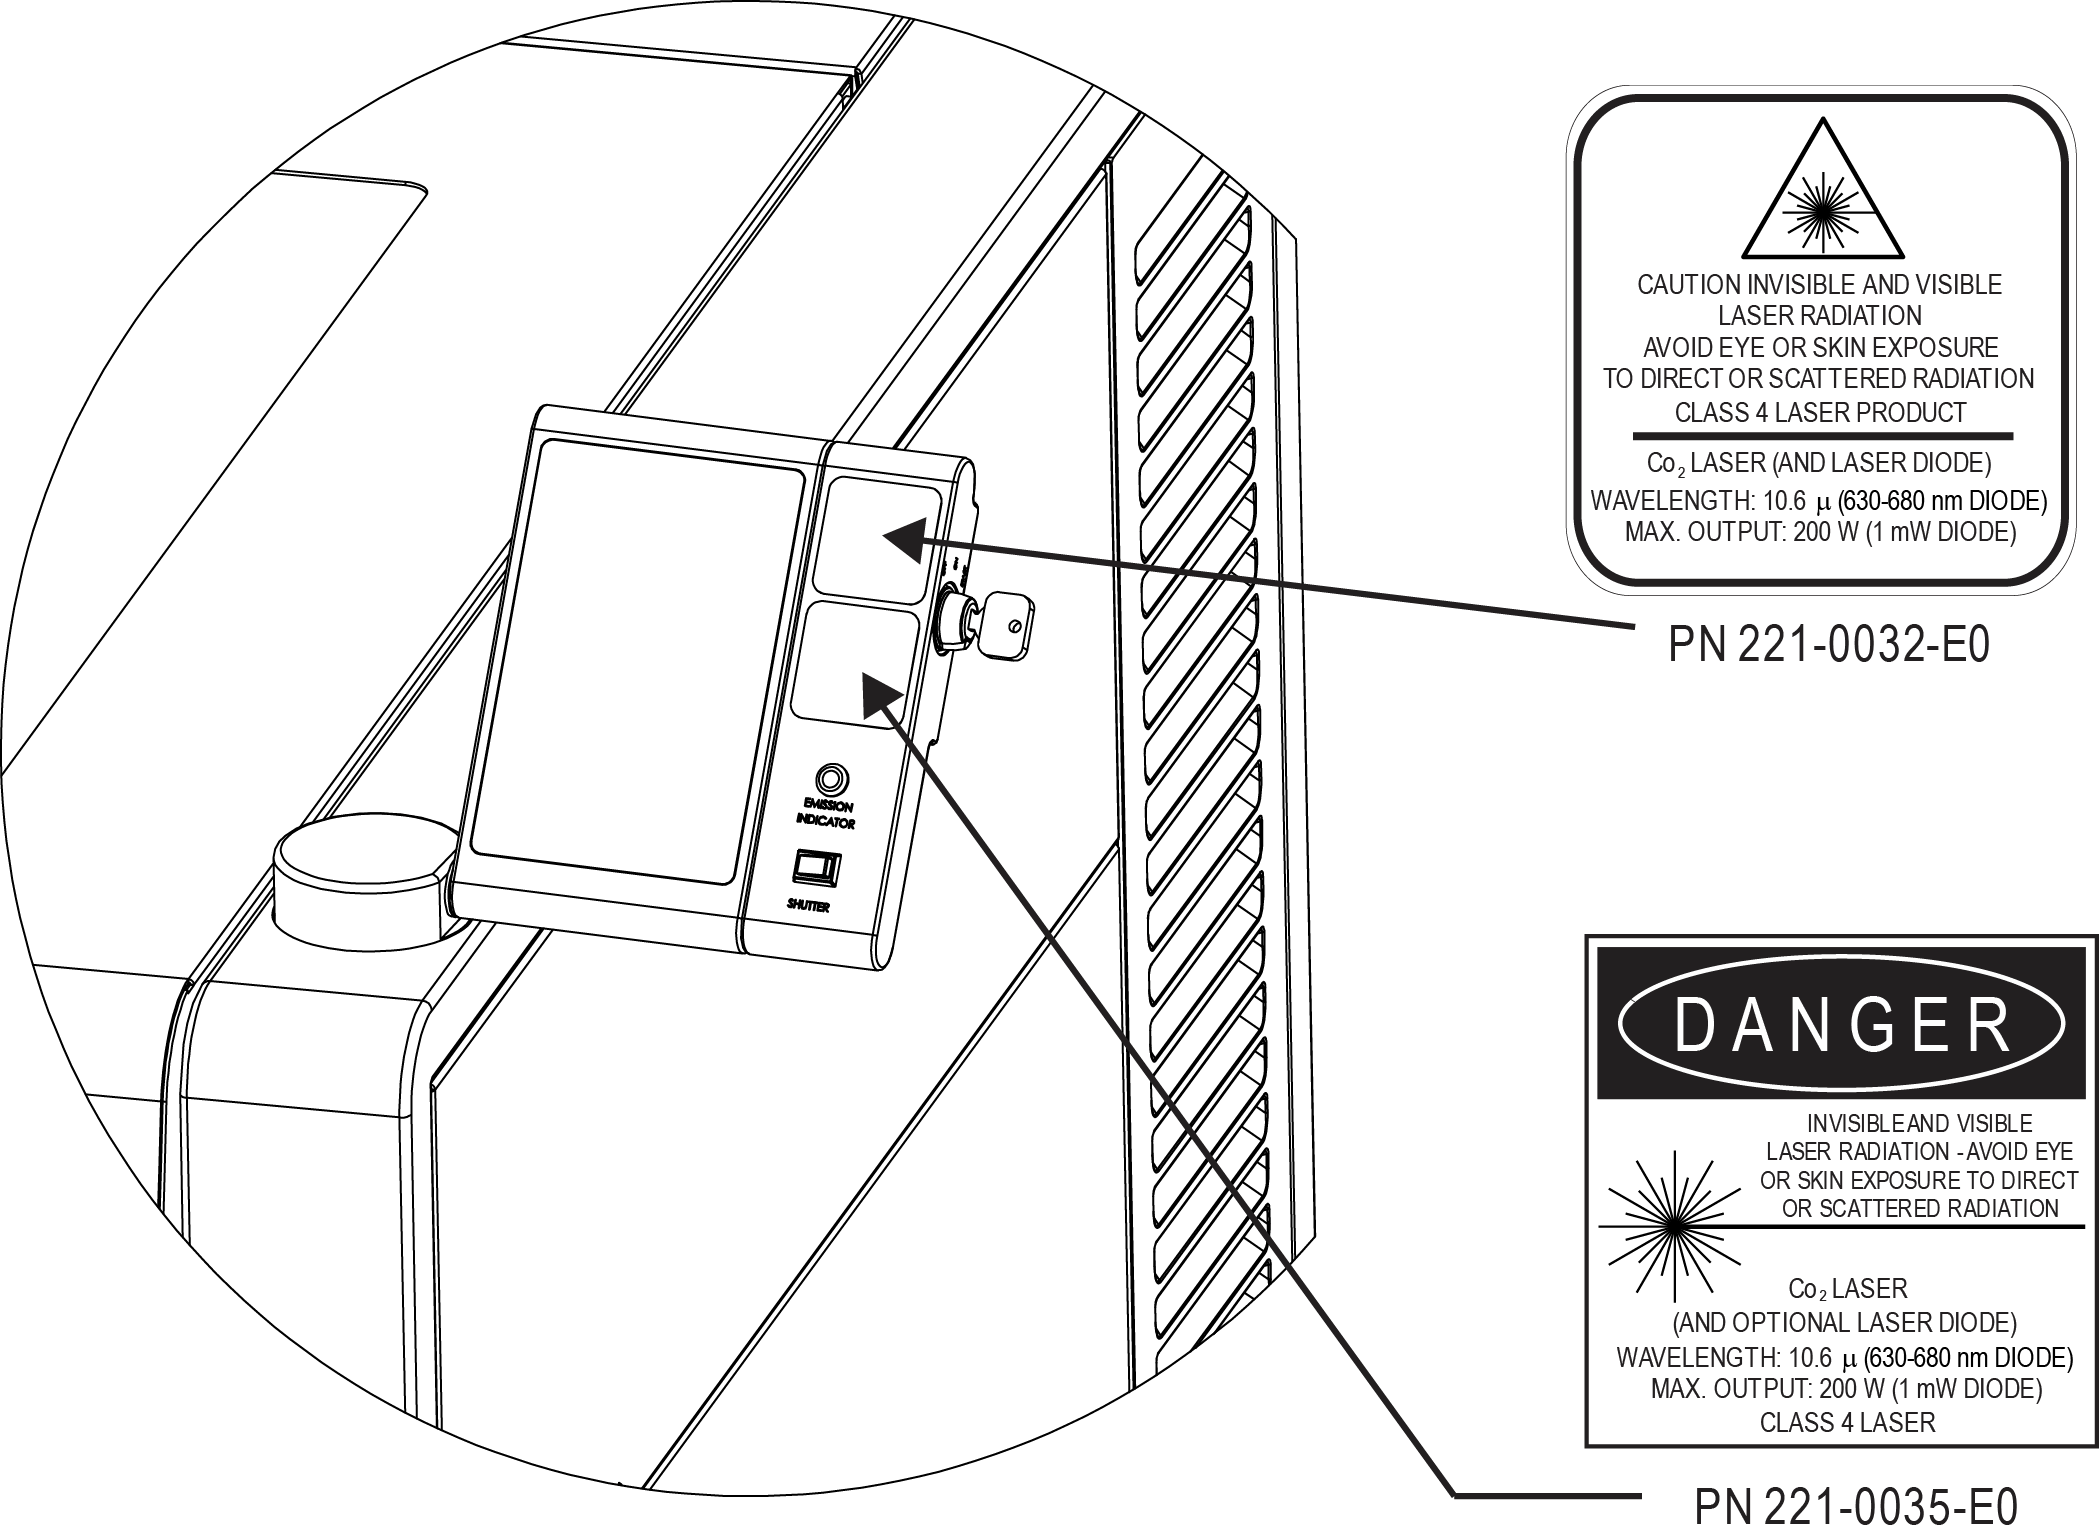 sicherheitsschilder-7